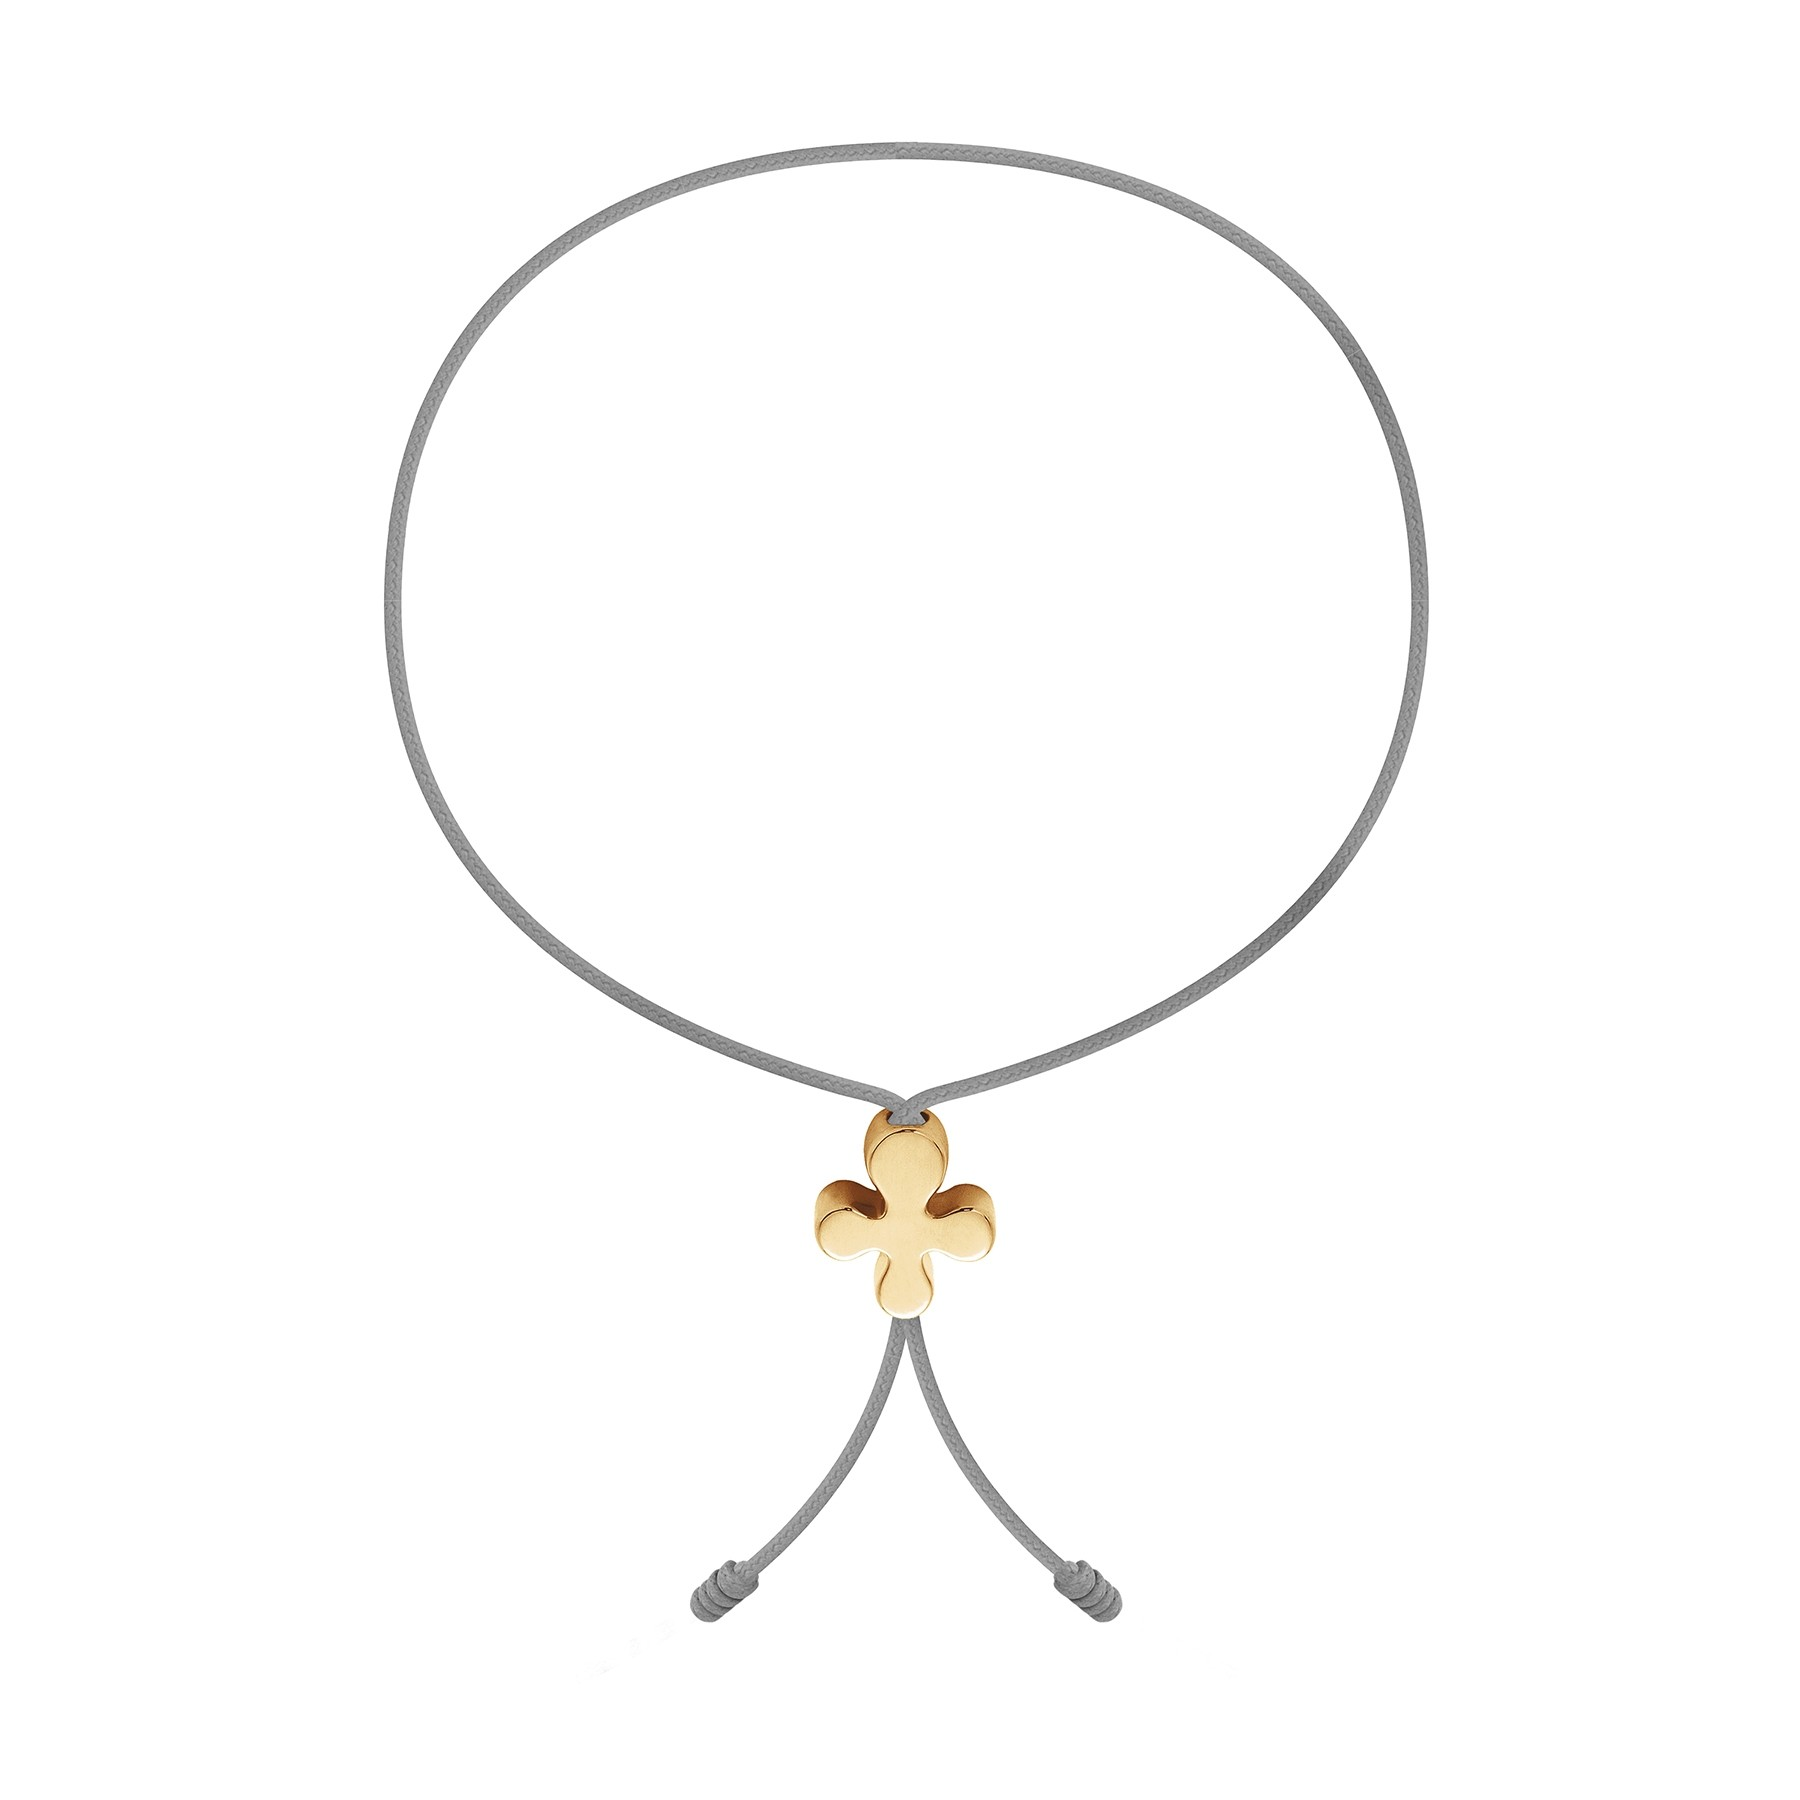 Bracelet avec fermoir Trèfle en or 585 sur un cordon fin gris clair